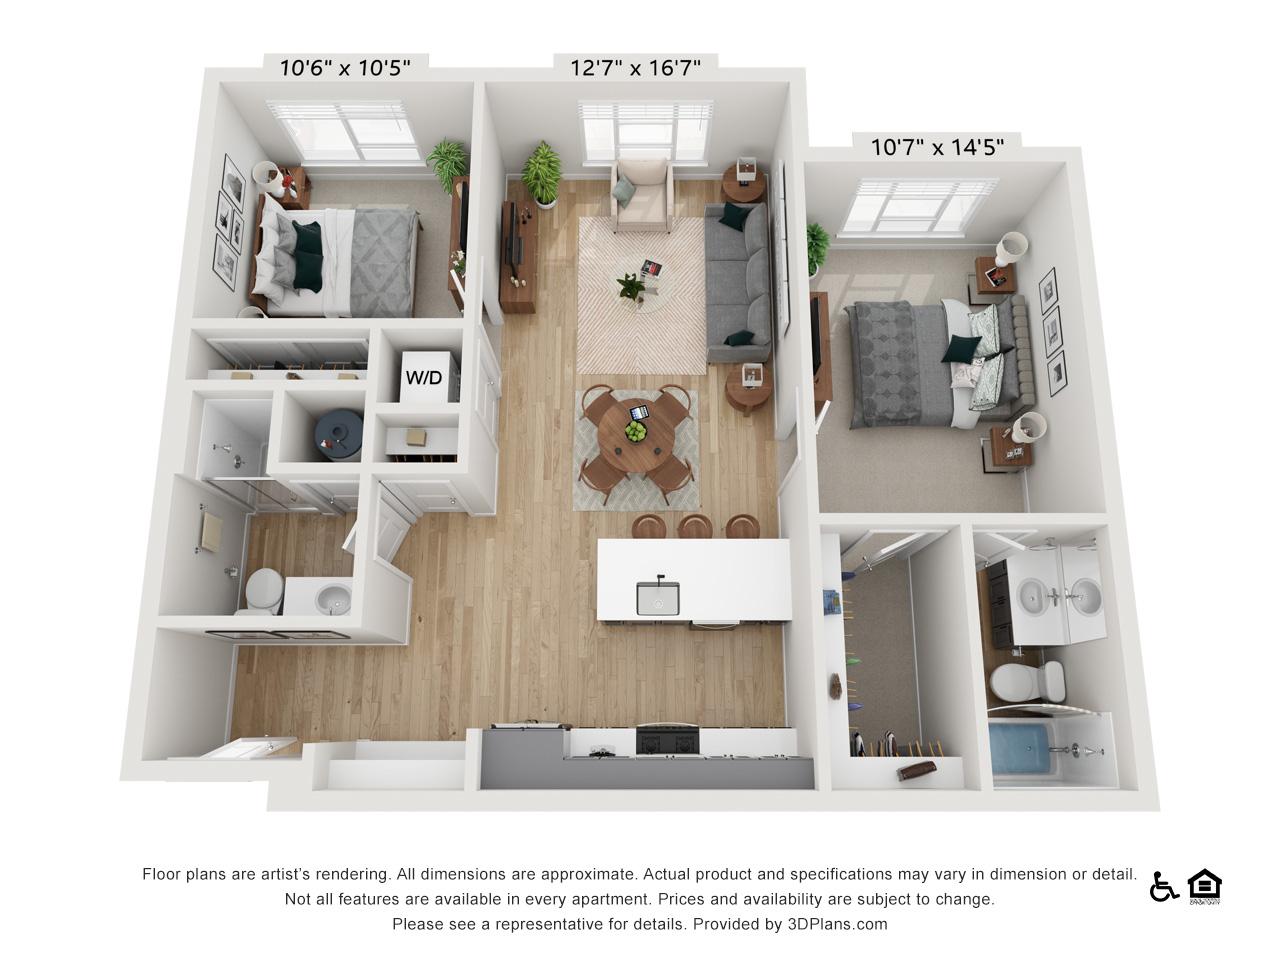 Two Bedroom J | 2 Bedrooms | 2 Bathrooms | 1,024-1,027 sq ft